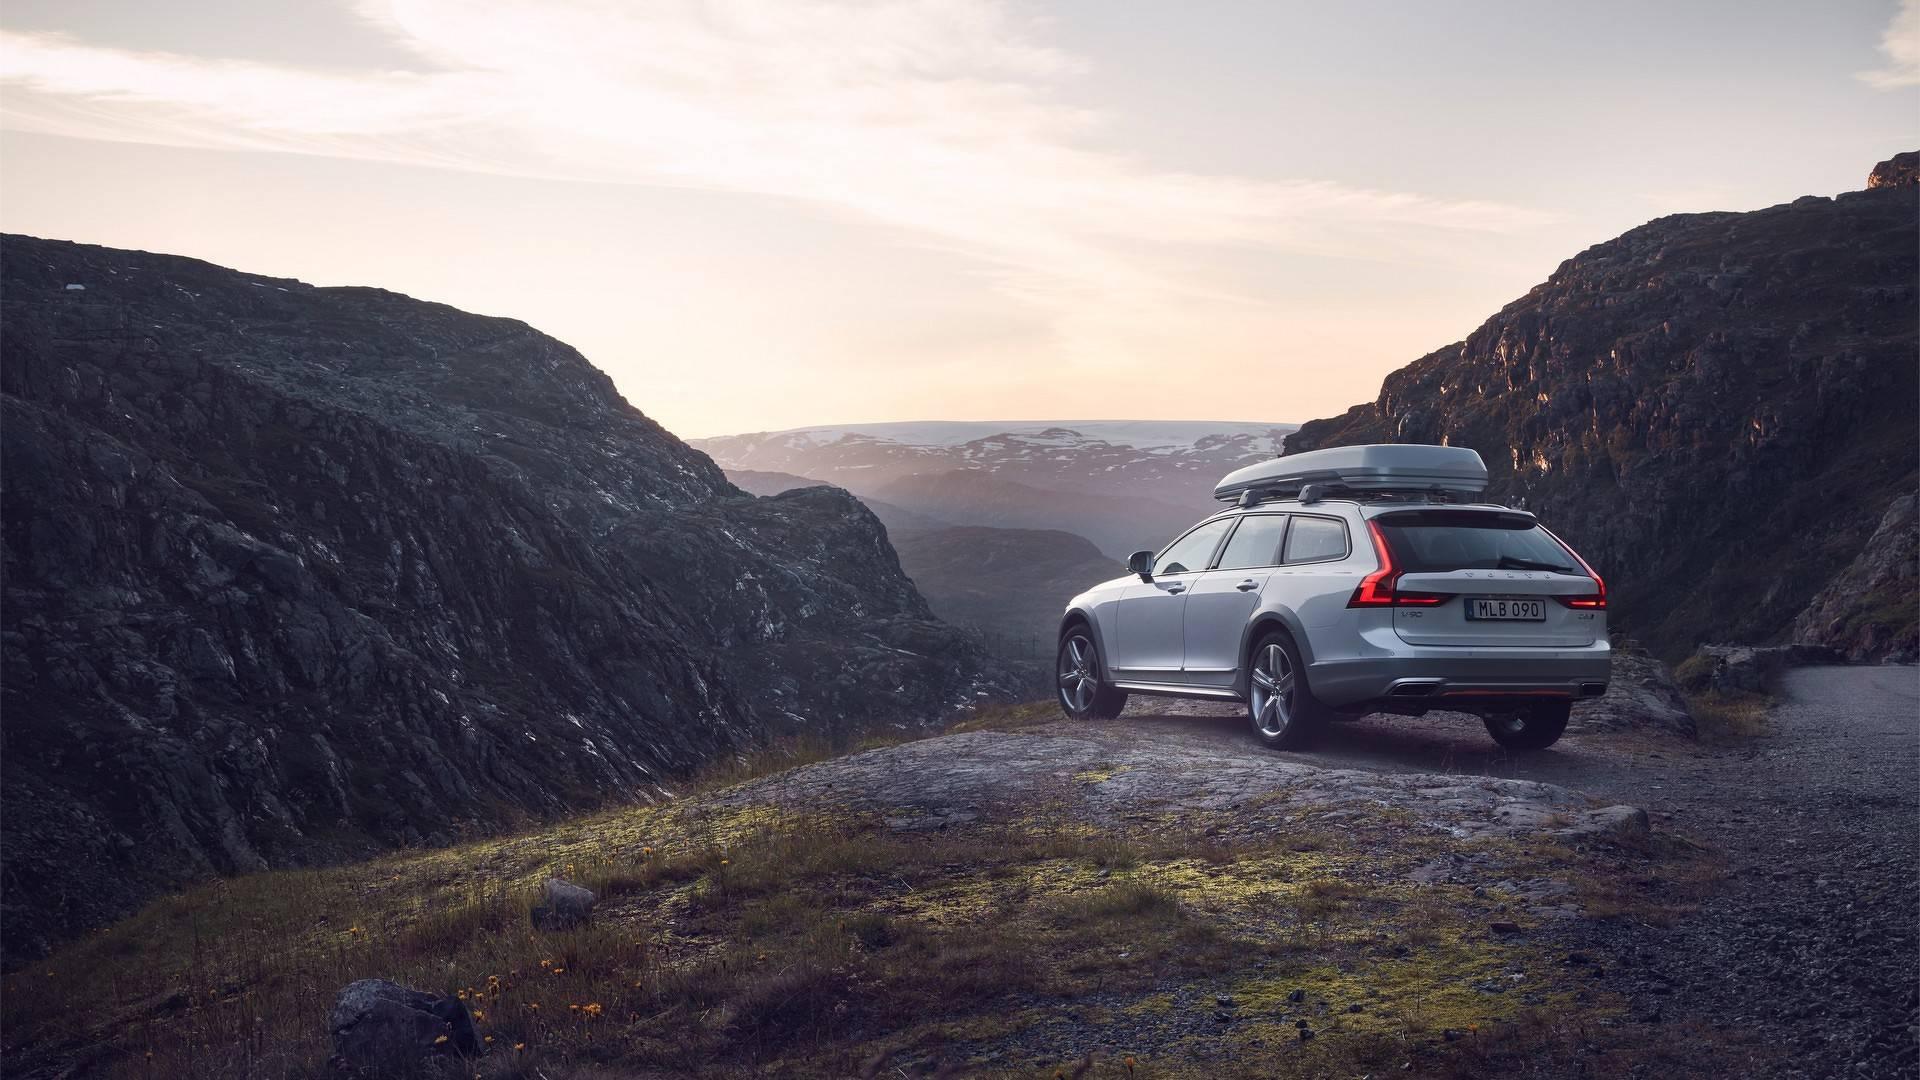 Xe++ - Volvo giới thiệu phiên bản đặc biệt V90 Cross Country Ocean Race  (Hình 10).